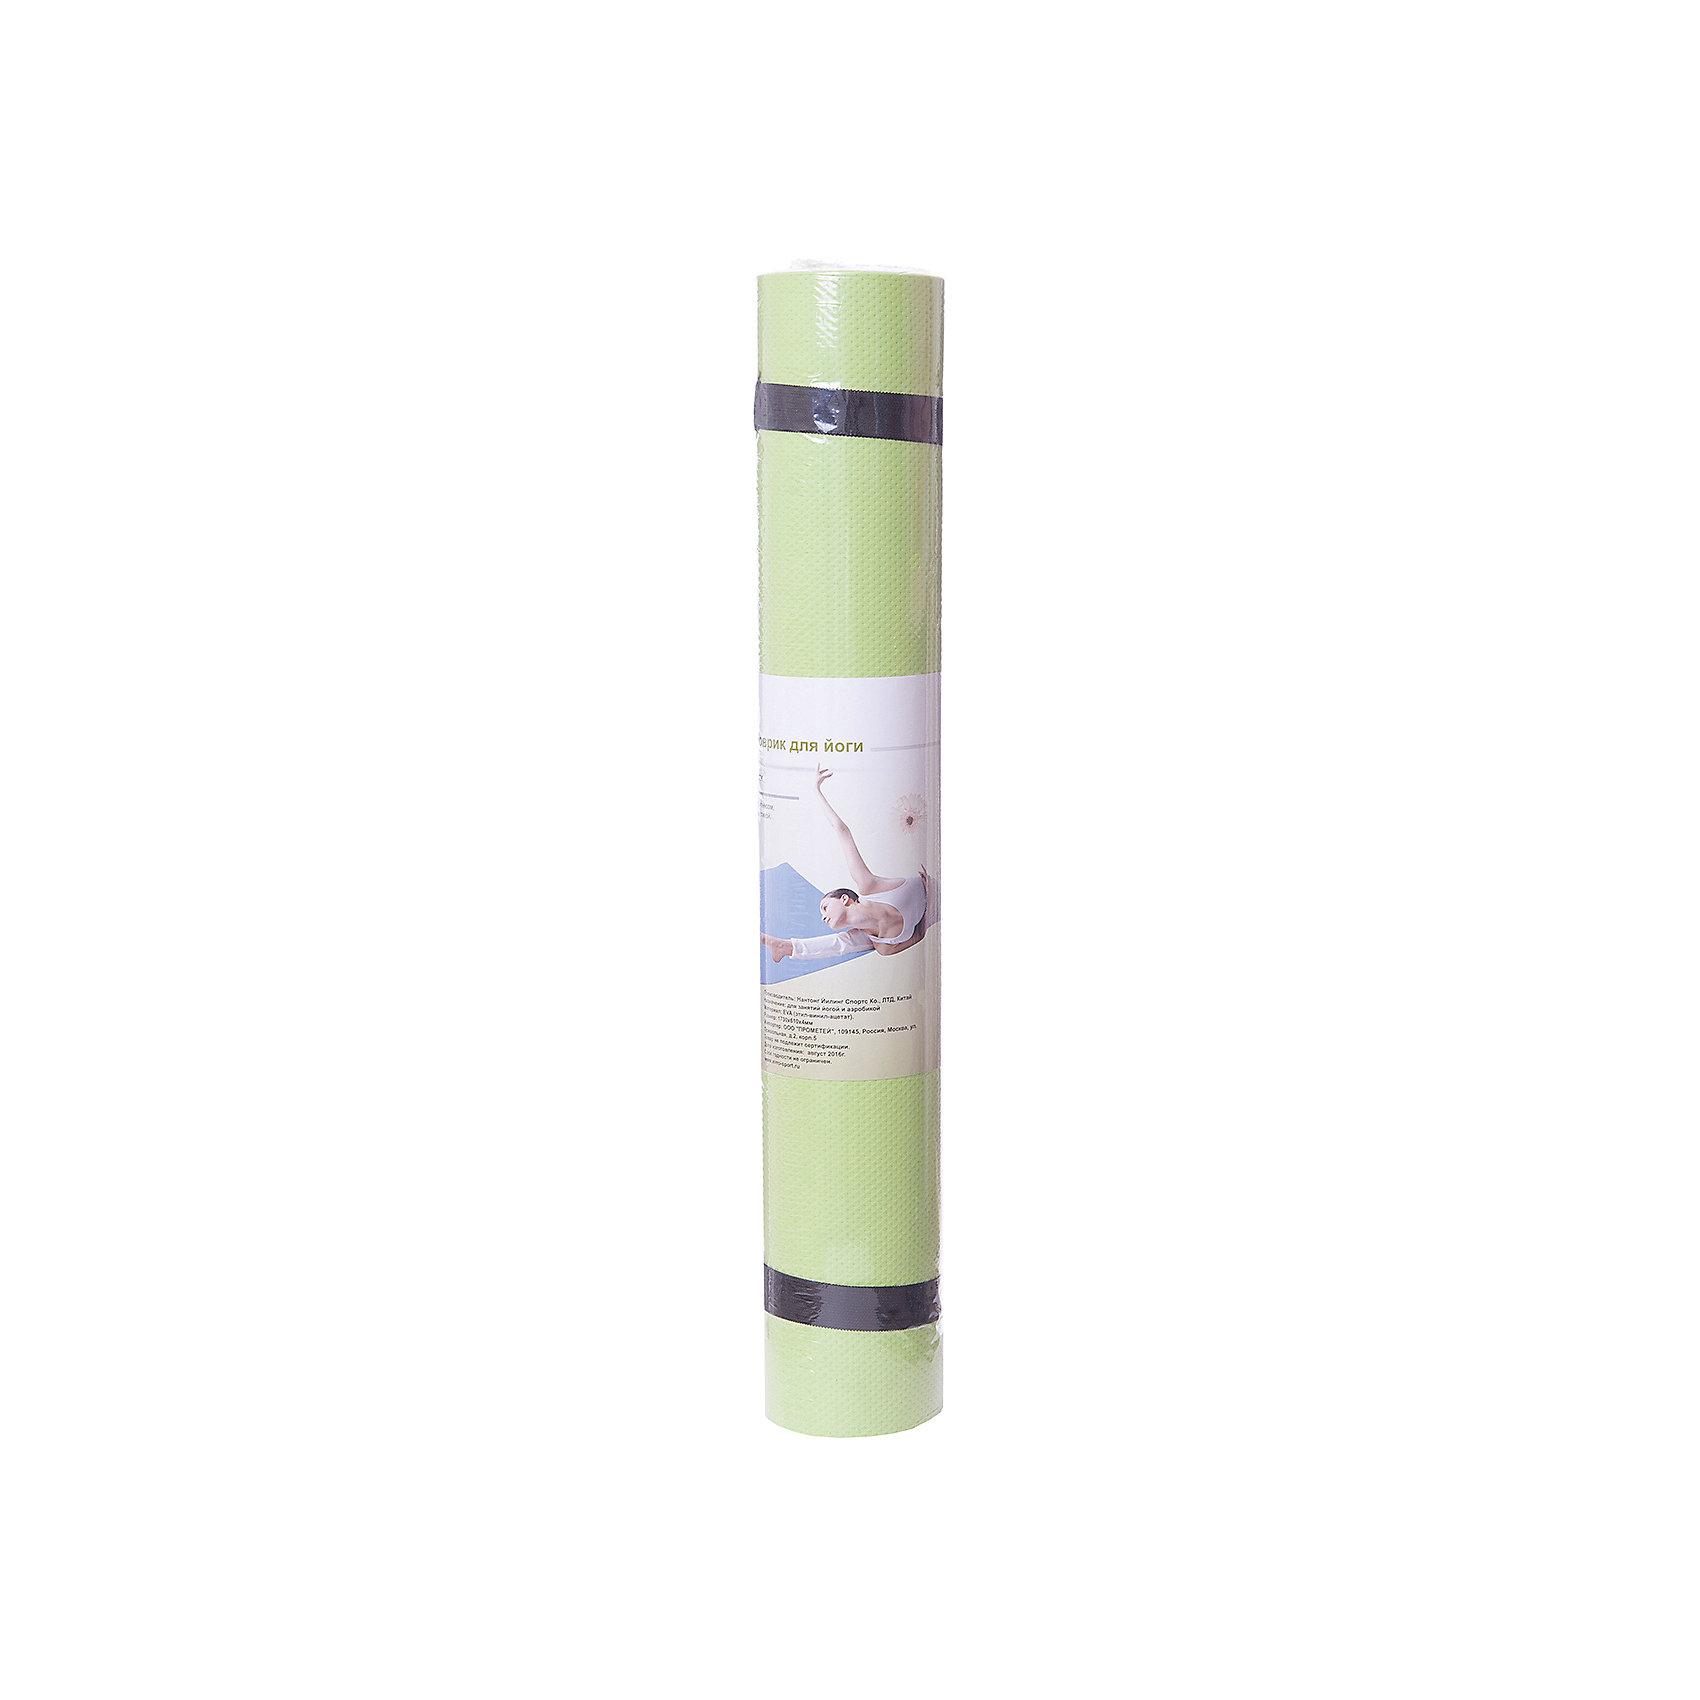 Коврик для йоги  ВВ8310, Z-SportsОсновные характеристики<br><br>Материал: EVA (этил-винил-ацетат)<br>Размер: 173х61х0,4см<br>Вес: 0,38кг<br>Цвета в ассортименте (фиолетовый, салатовый, голубой)<br>Вид применения: для занятий йогой, фитнесом, гимнастикой и аэробикой<br>Страна-производитель: Китай<br>Упаковка: термоусадочная пленка с цветным постером<br><br>Изделие изготовлено из современного материала, мягкого, но одновременно достаточно прочного, способного выдержать сильные механические нагрузки. Его эстетические параметры вполне соответствуют современным требованиям. Применяется для занятий йогой, фитнесом и аэробикой как в домашних условиях, так и в спортзалах. <br><br>Преимущества коврика BB8310:<br>- противоскользящая поверхность;<br>- оптимальный размер и вес;<br>- приятный современный дизайн и расцветка;<br>- его легко мыть и хранить, скатав в рулон.<br><br>Ширина мм: 100<br>Глубина мм: 100<br>Высота мм: 610<br>Вес г: 300<br>Возраст от месяцев: 36<br>Возраст до месяцев: 192<br>Пол: Унисекс<br>Возраст: Детский<br>SKU: 5056611